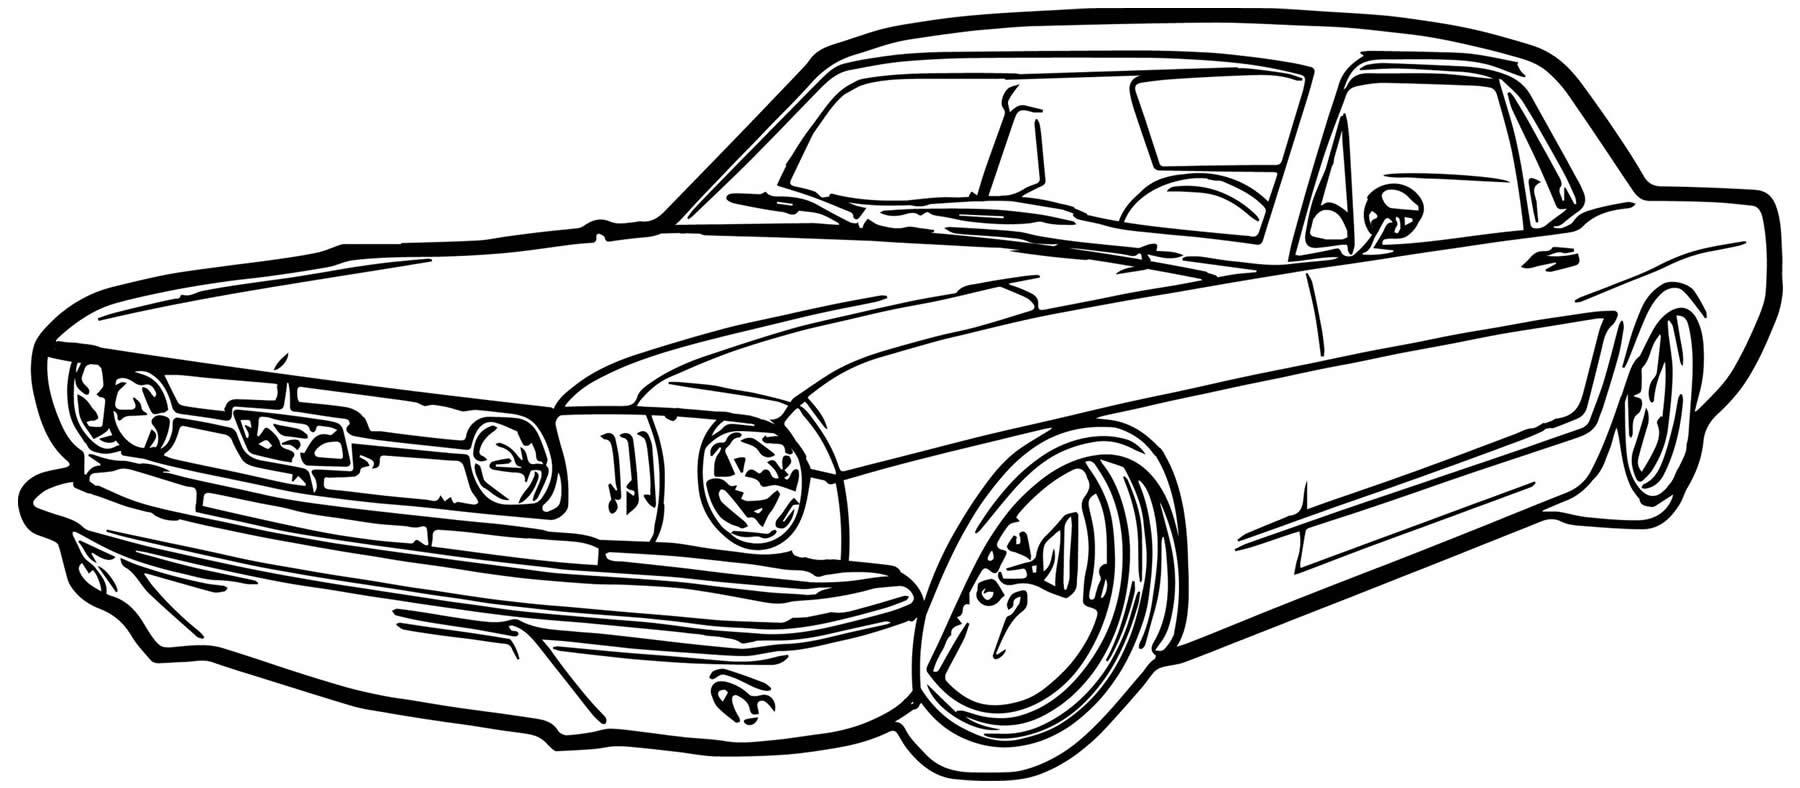 Molde de carro para pintar